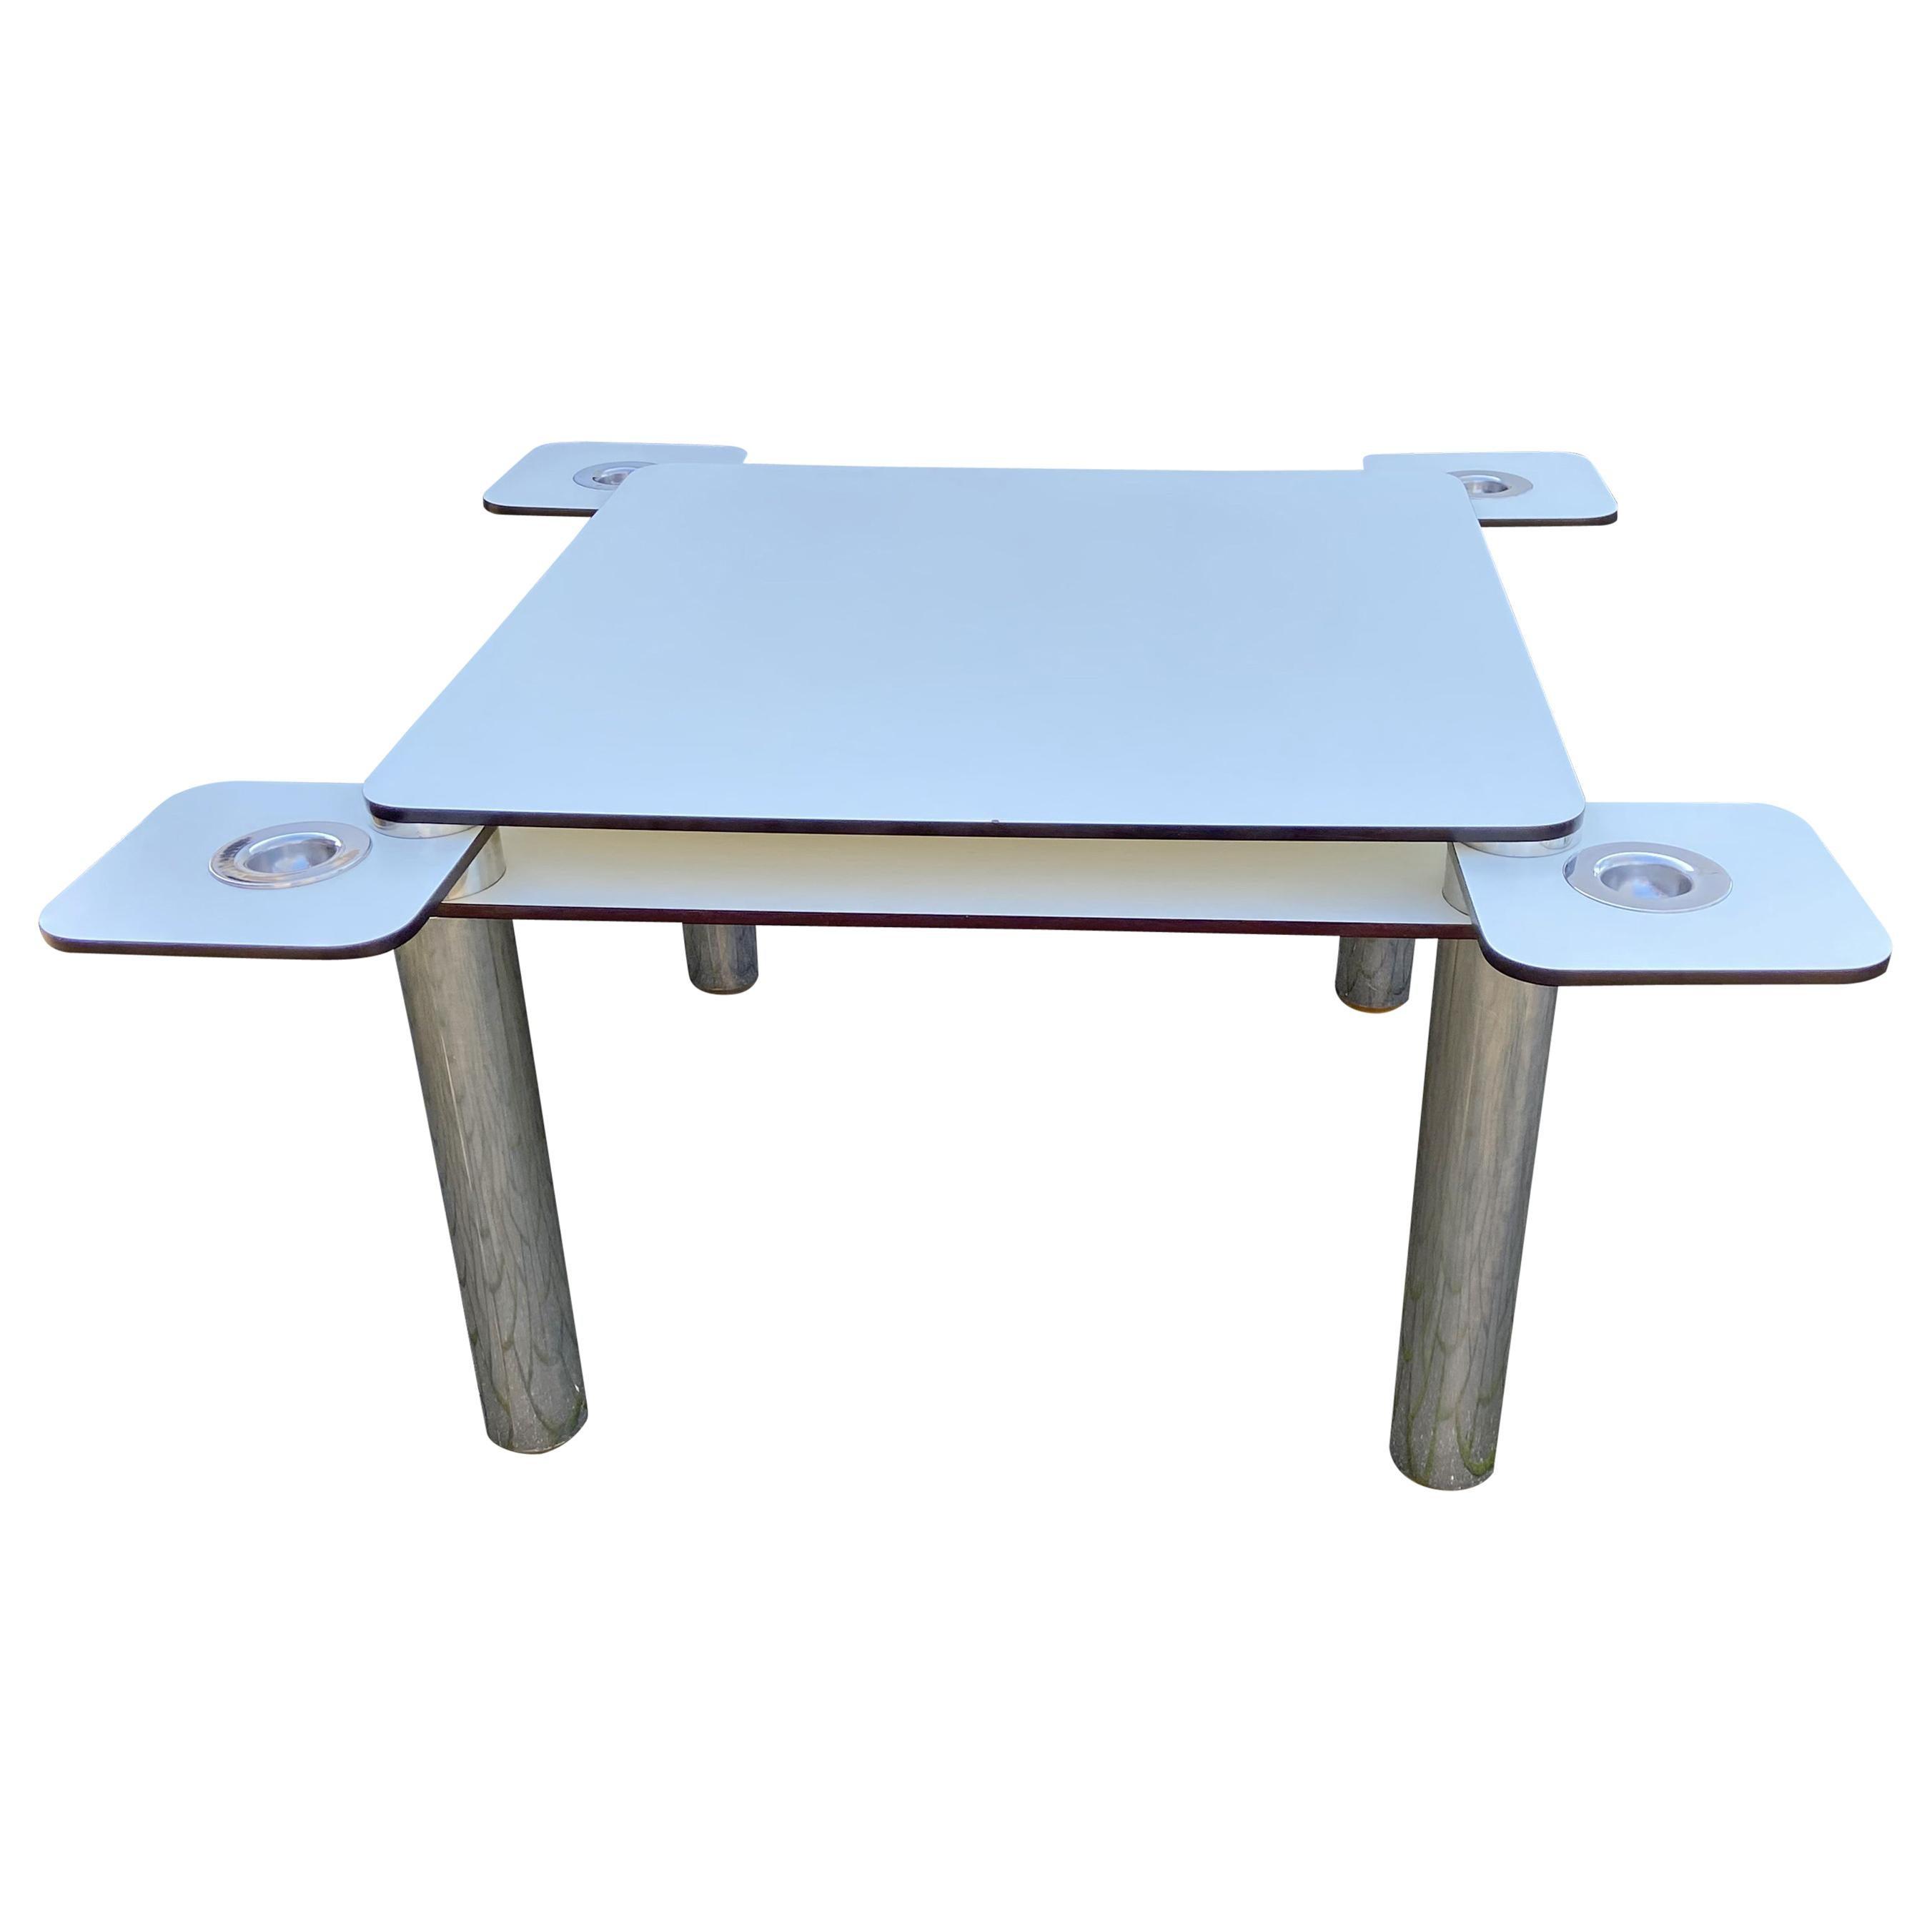 Poker Table by Joe Colombo for Zanotta